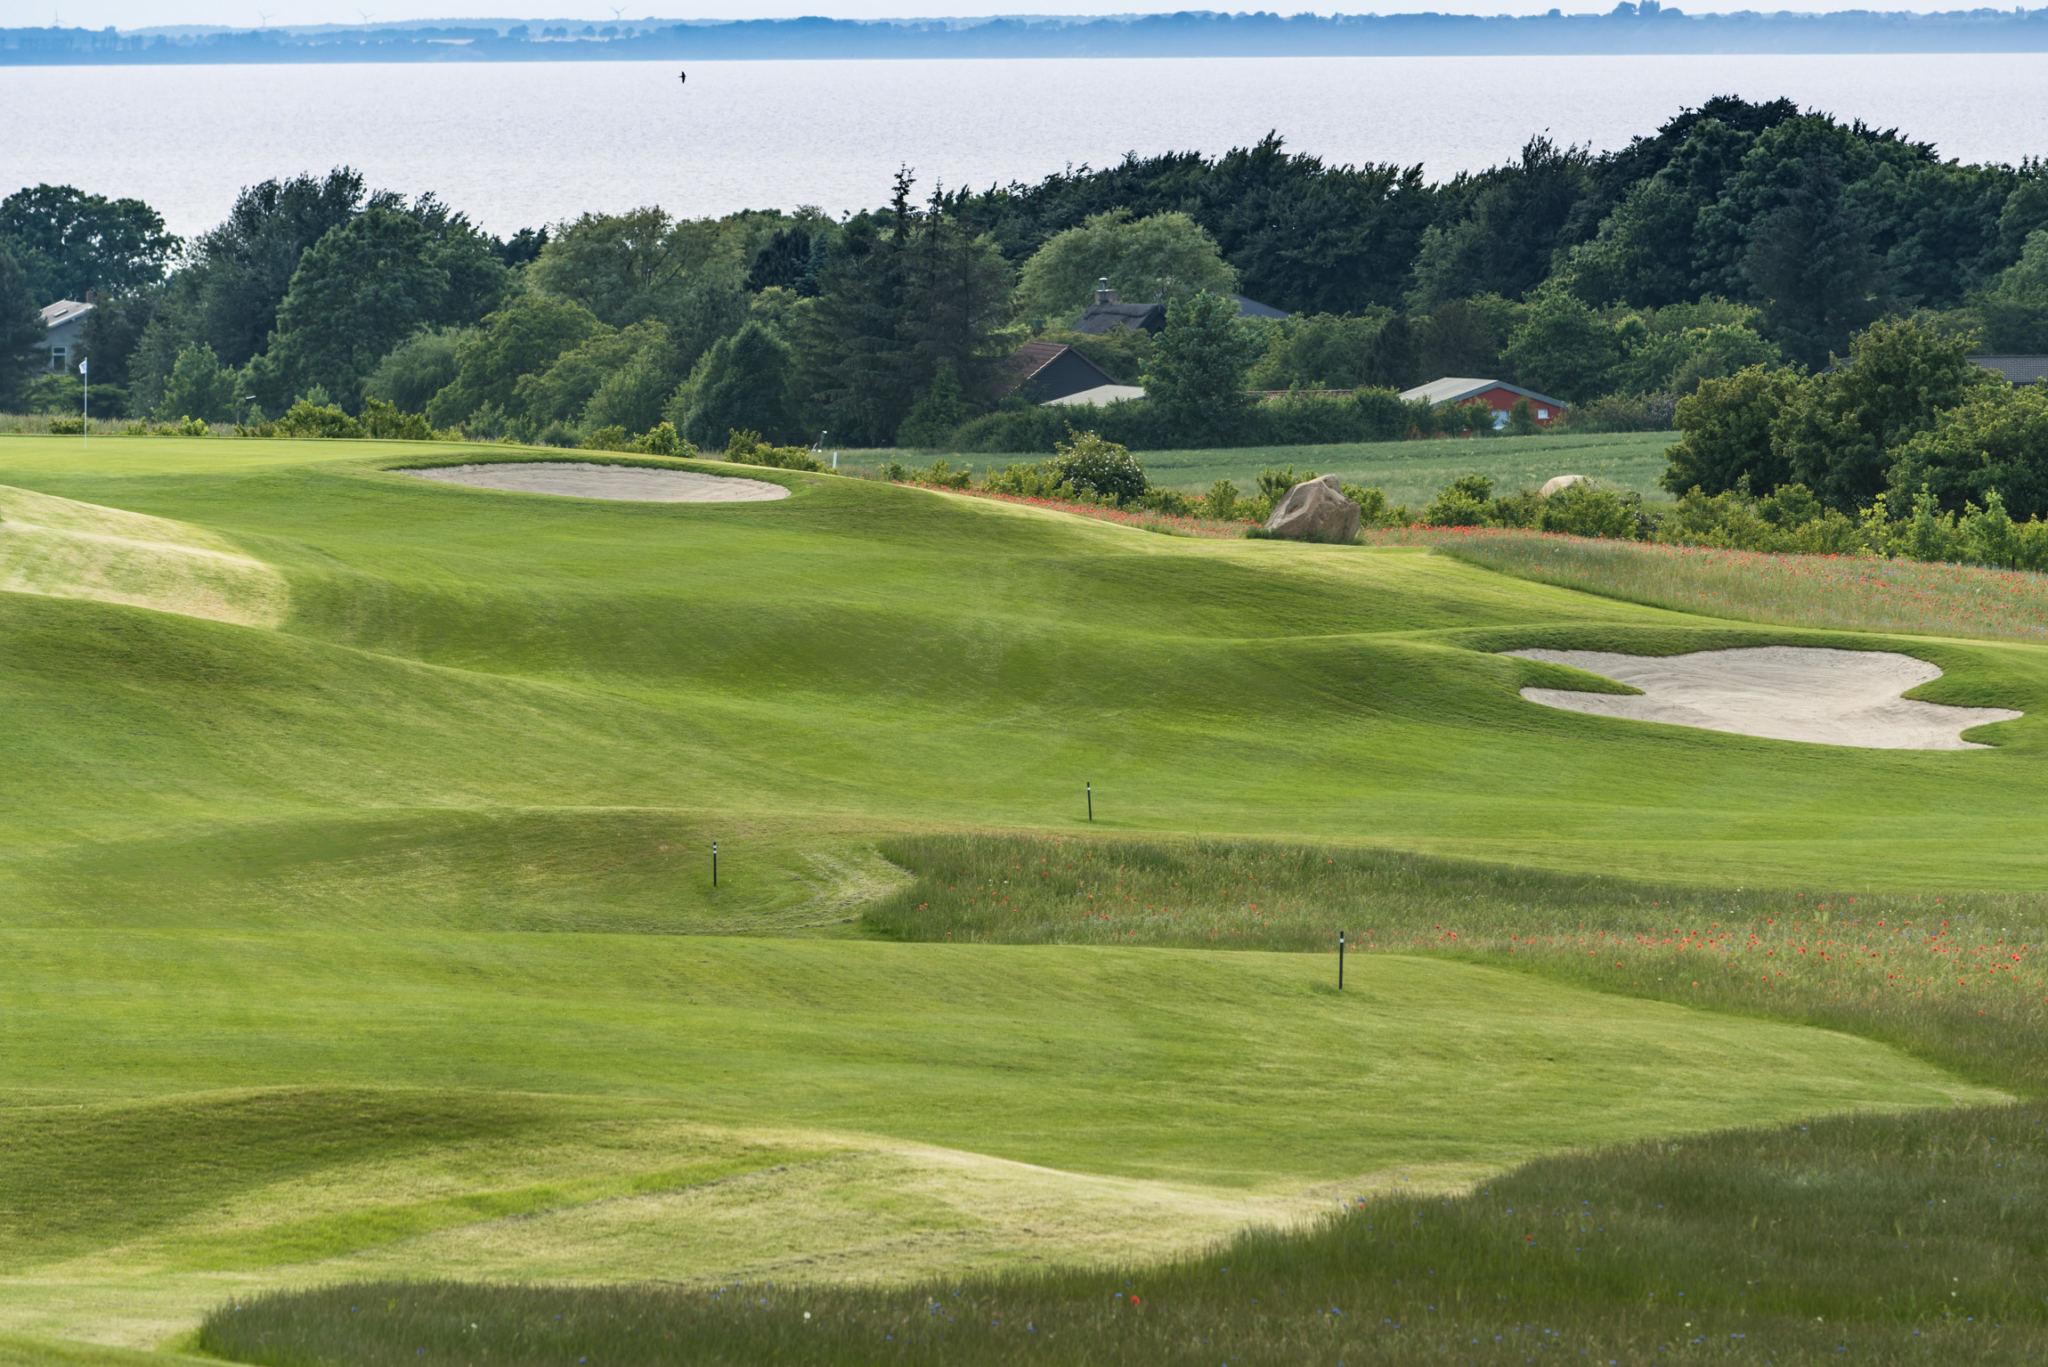 Aussicht auf eine Golfbahn des Golfplatzes Schloss Ranzow